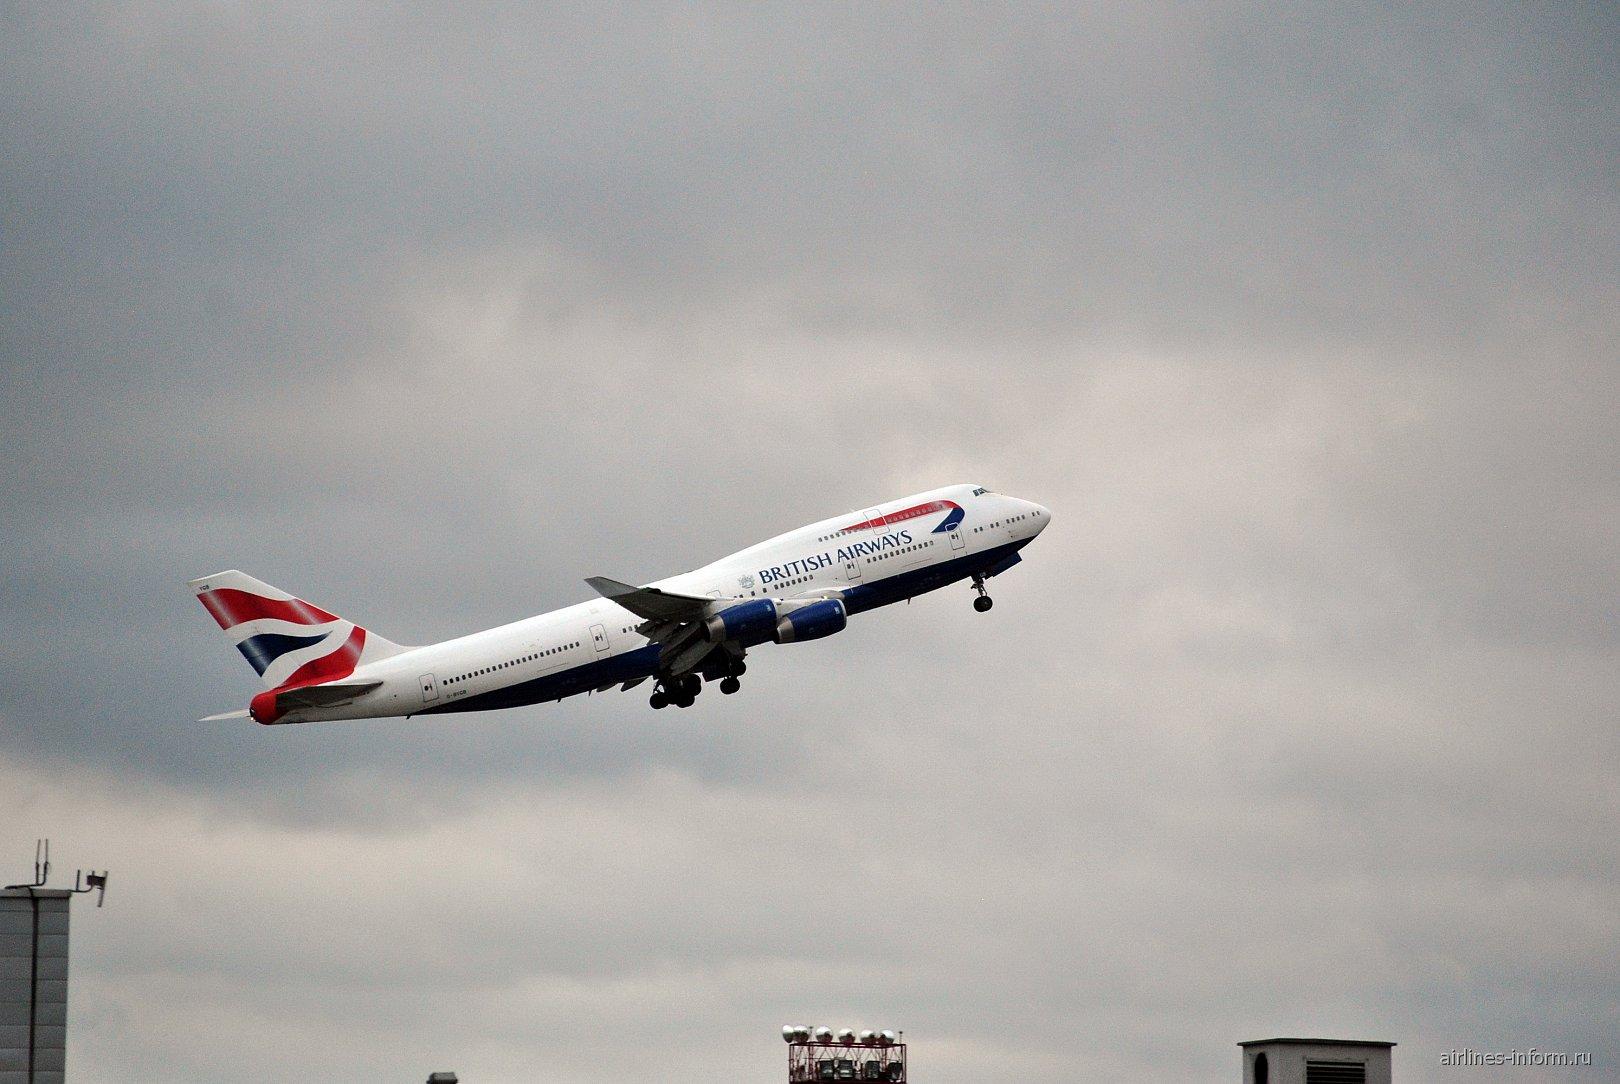 Взлет Боинга-747-400 Британских авиалиний из аэропорта Домодедово